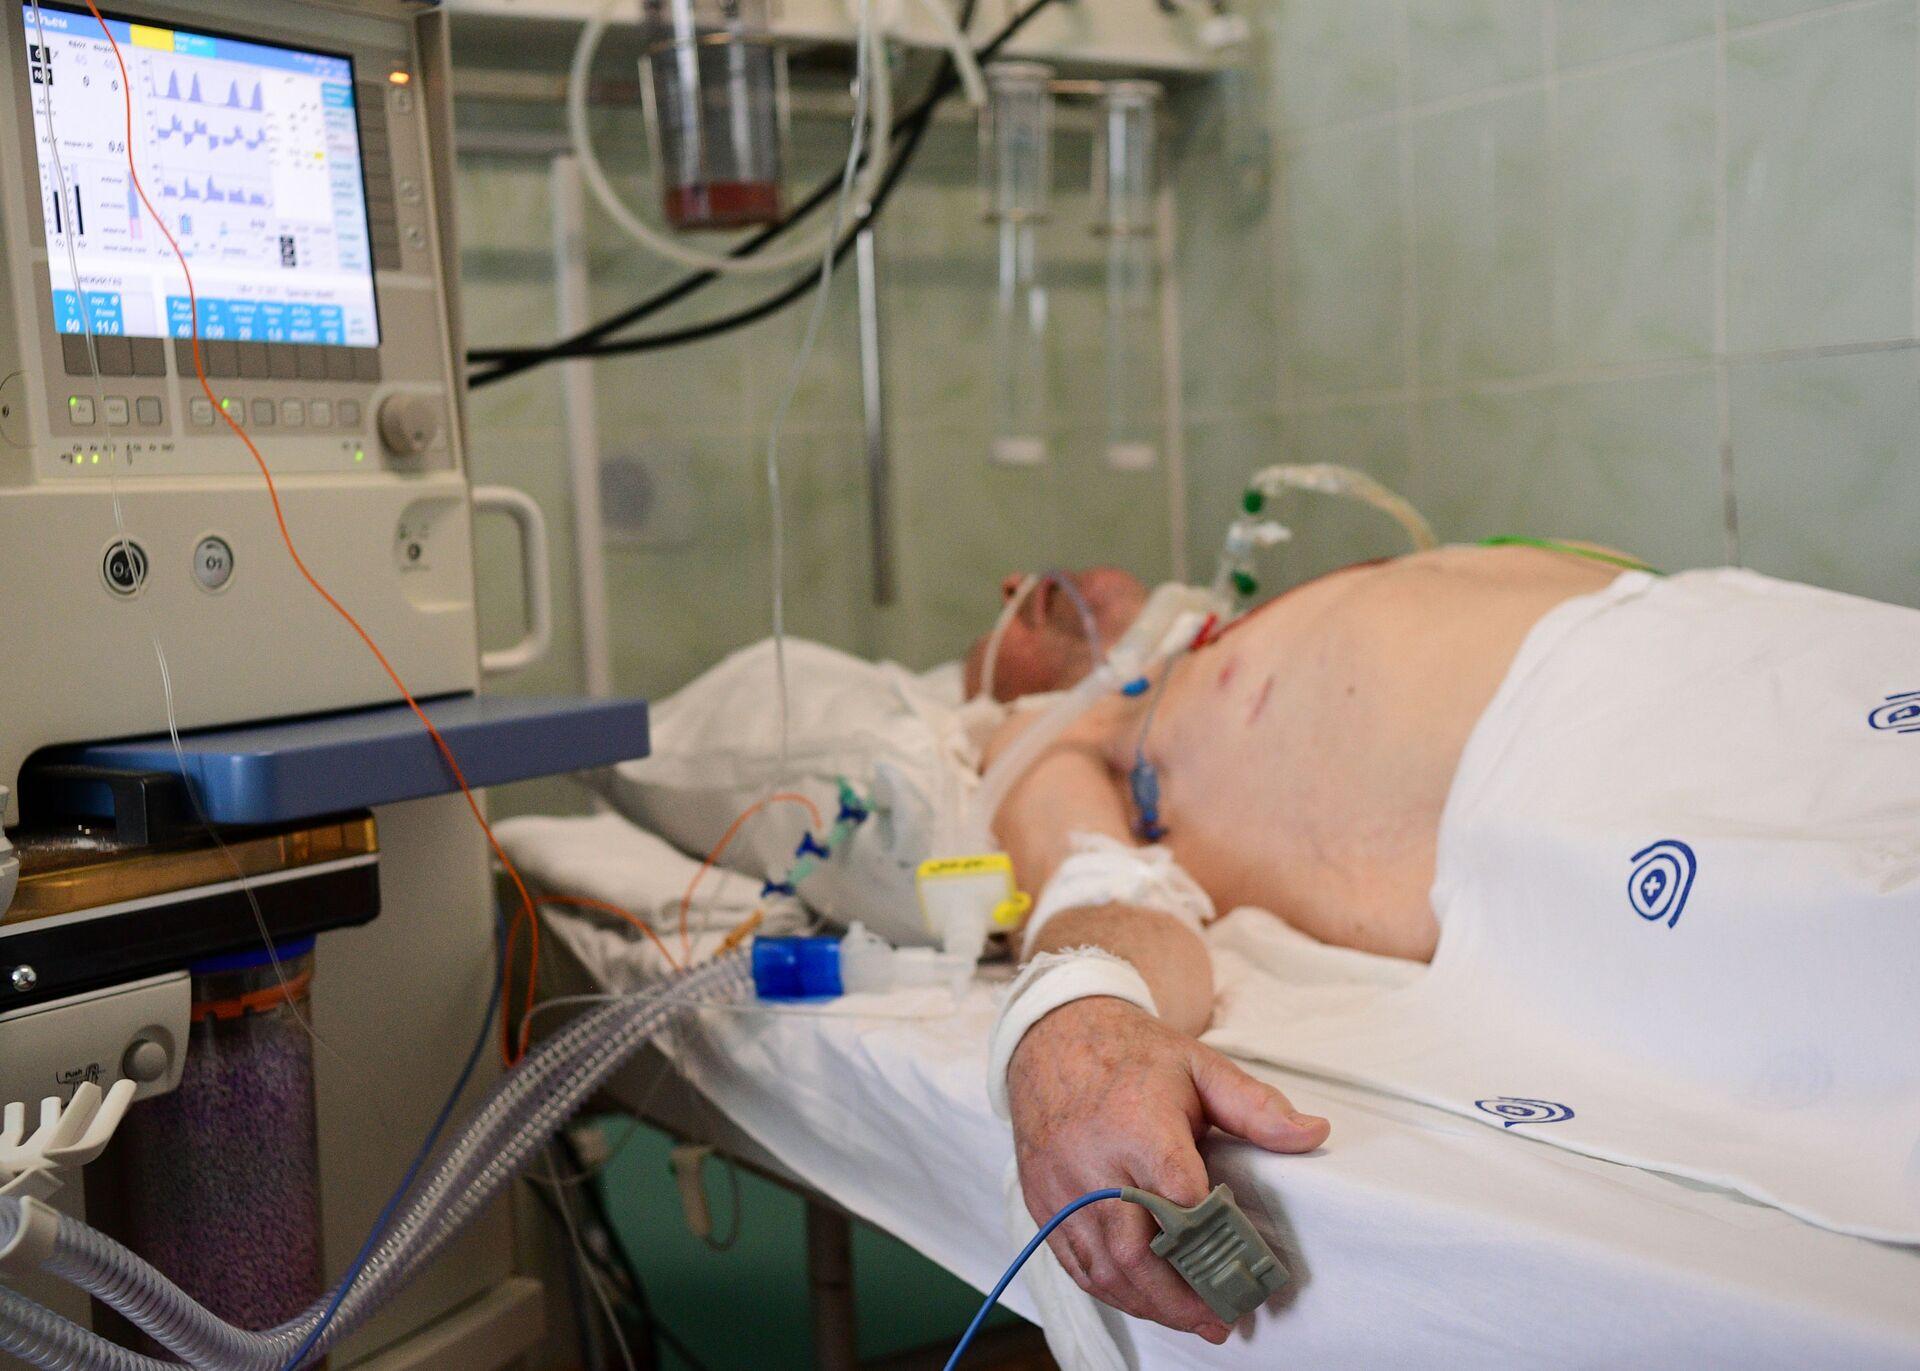 Пациент в отделении реанимации и интенсивной терапии городской клинической больницы имени В. В. Виноградова - РИА Новости, 1920, 12.11.2020